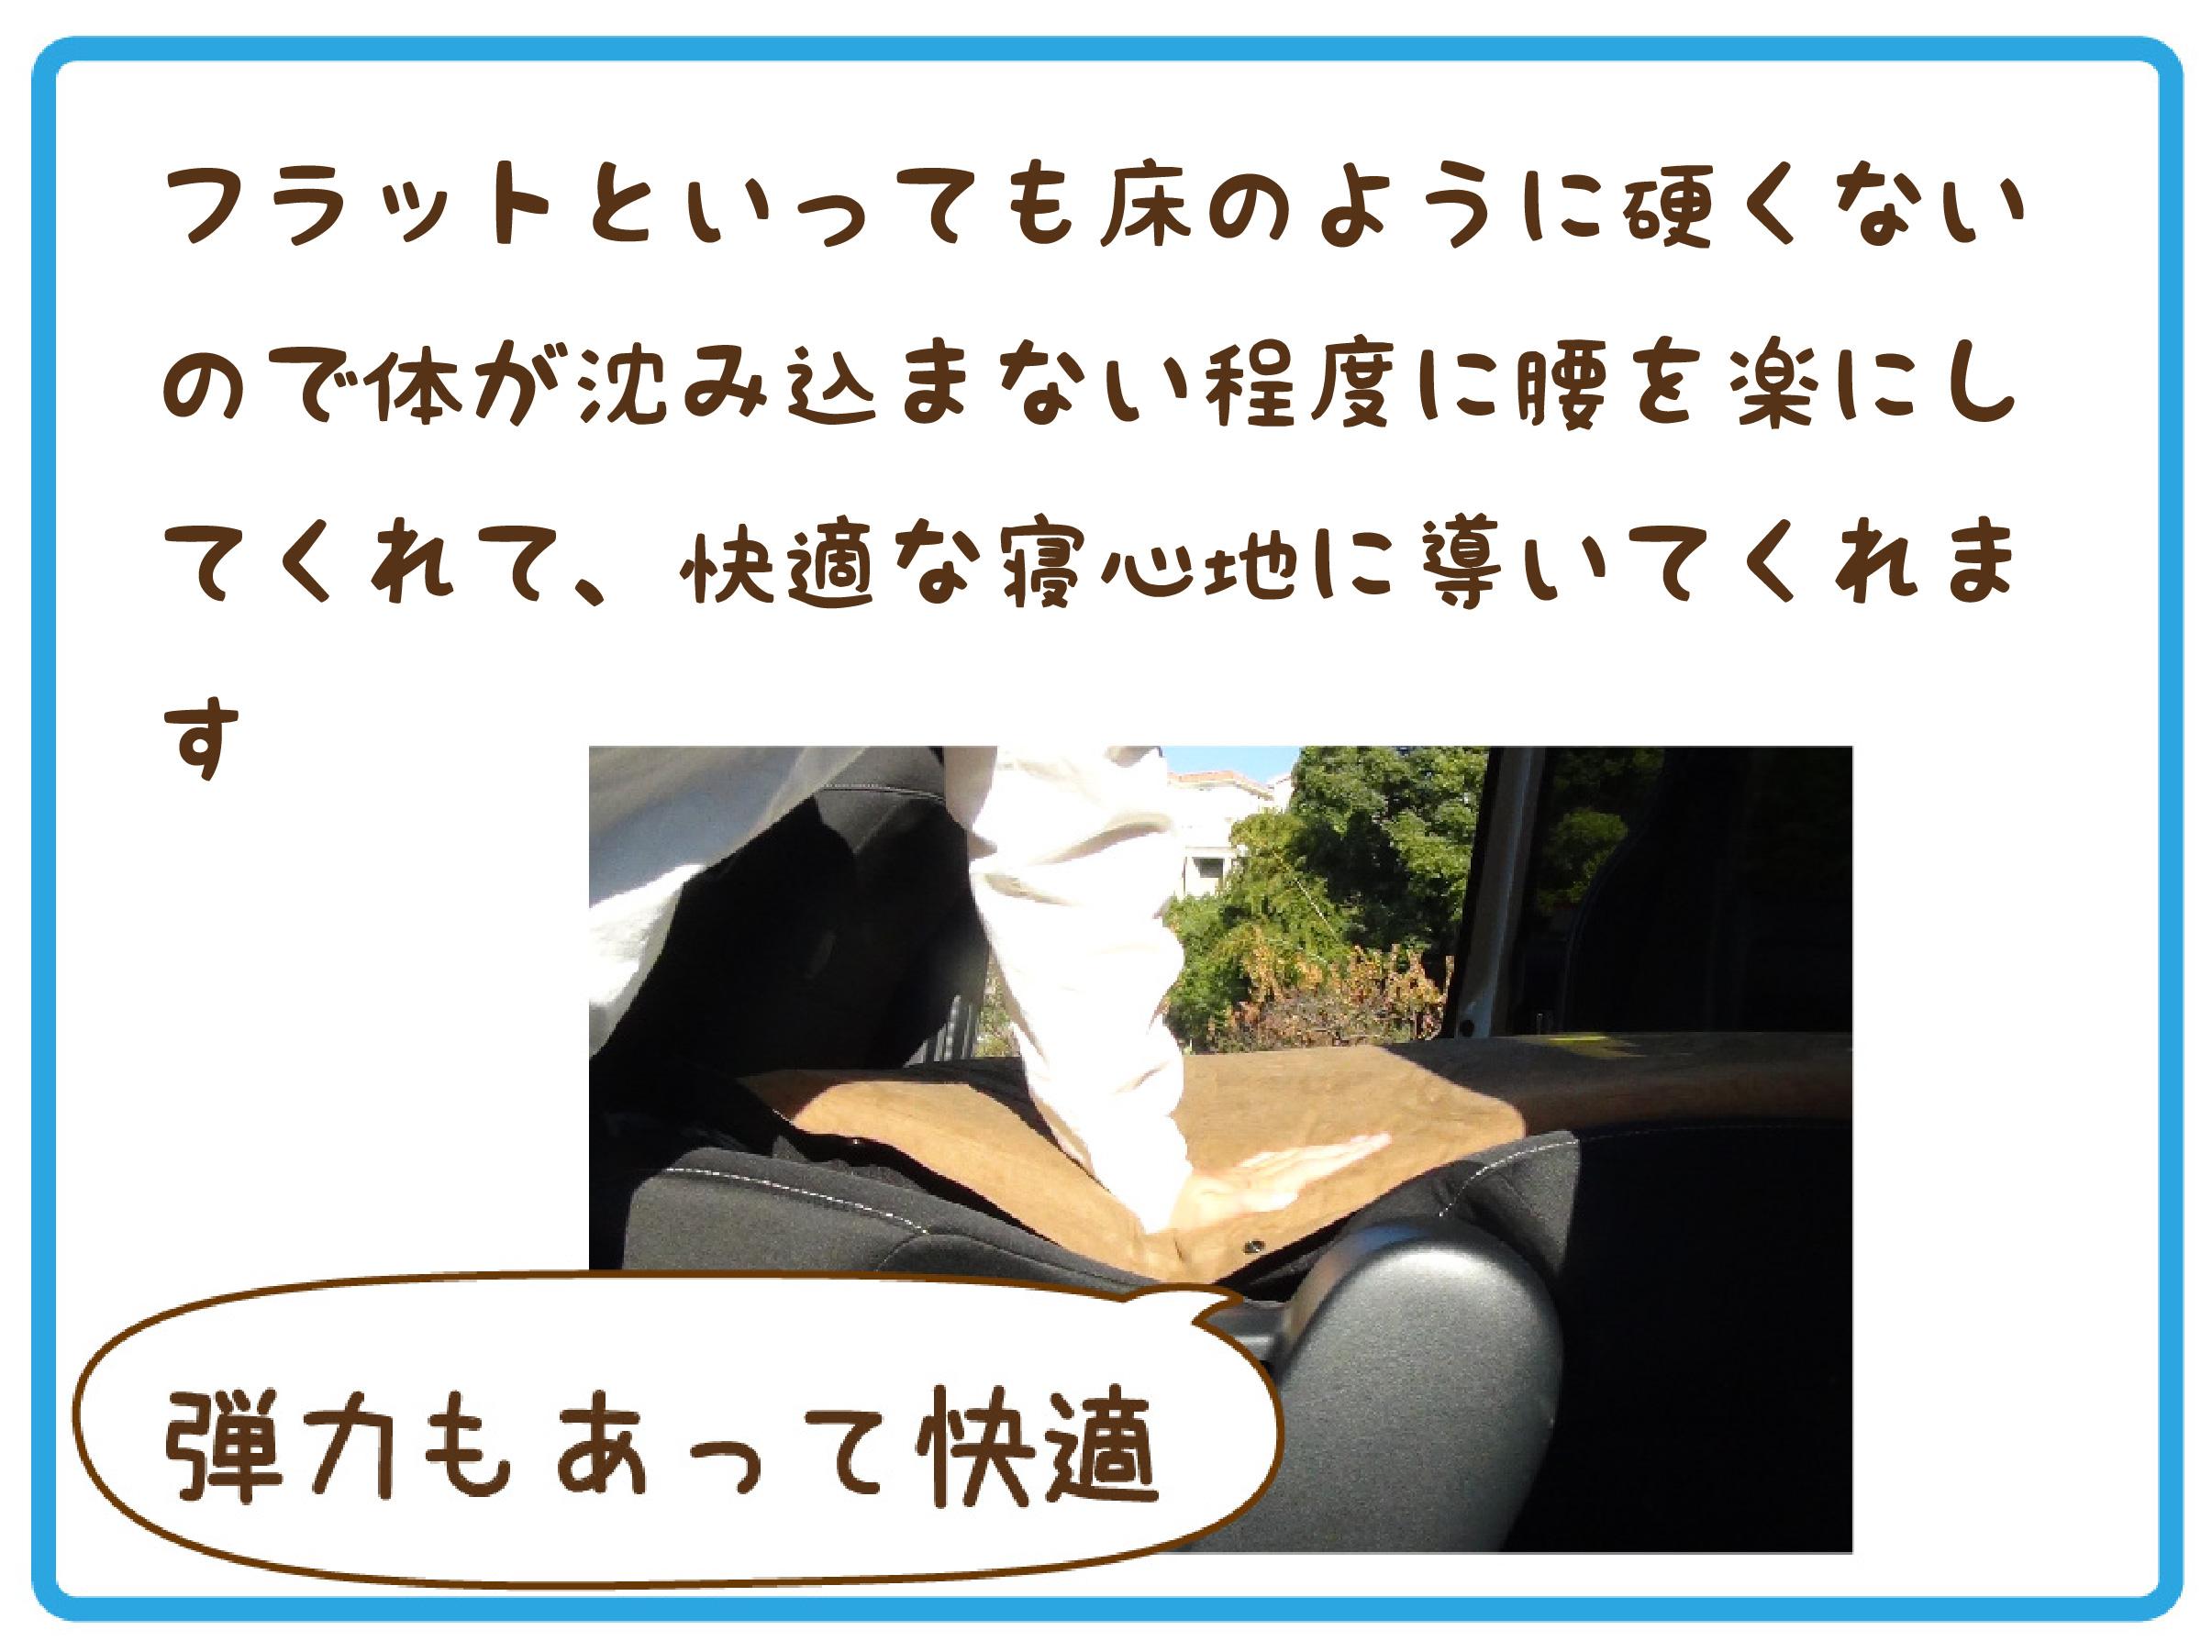 フラットといっても床のように固くないので体が沈みこまない程度に腰を楽にしてくれて快適な寝心地に導いてくれる